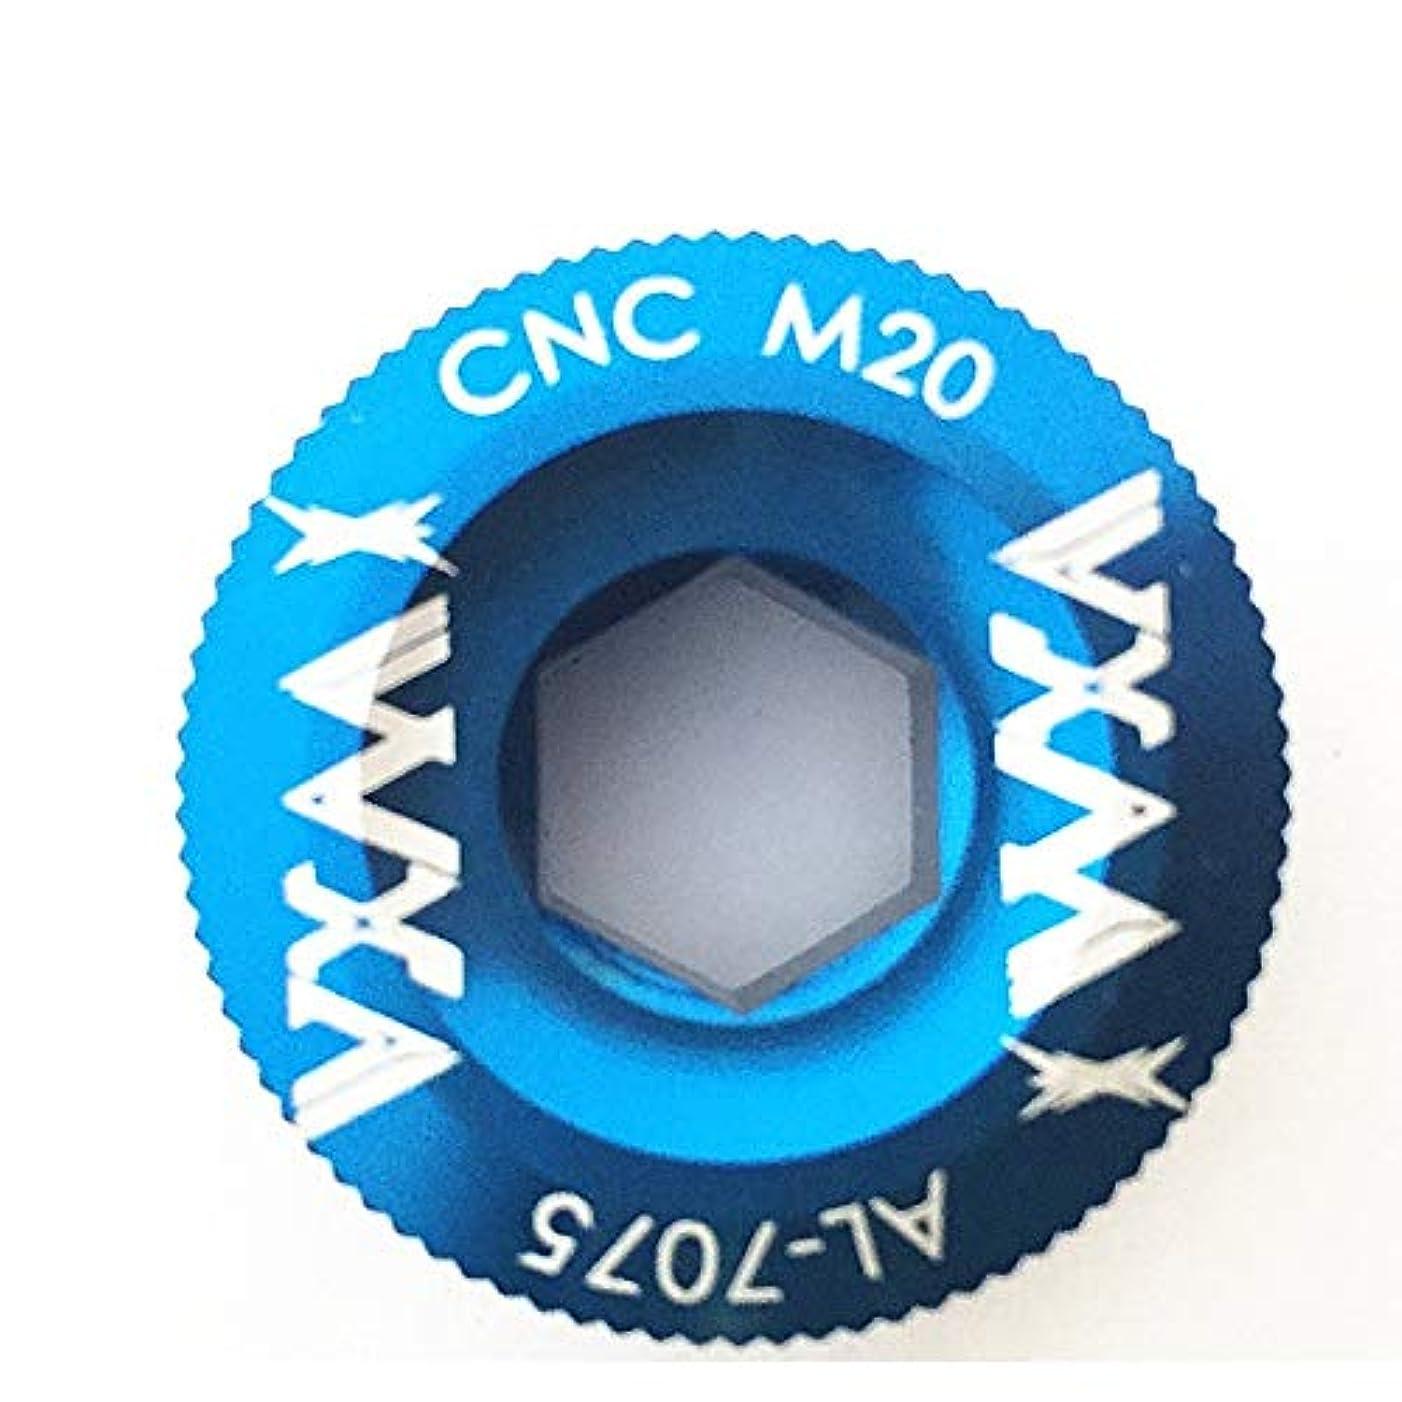 小切手終了するコアPropenaryは - 自転車クランクカバーのネジキャップM20ロードバイククランクボルトクランクセットはバイクフィッティングボルトCNCクランクアームネジBB軸の固定ネジ[青]